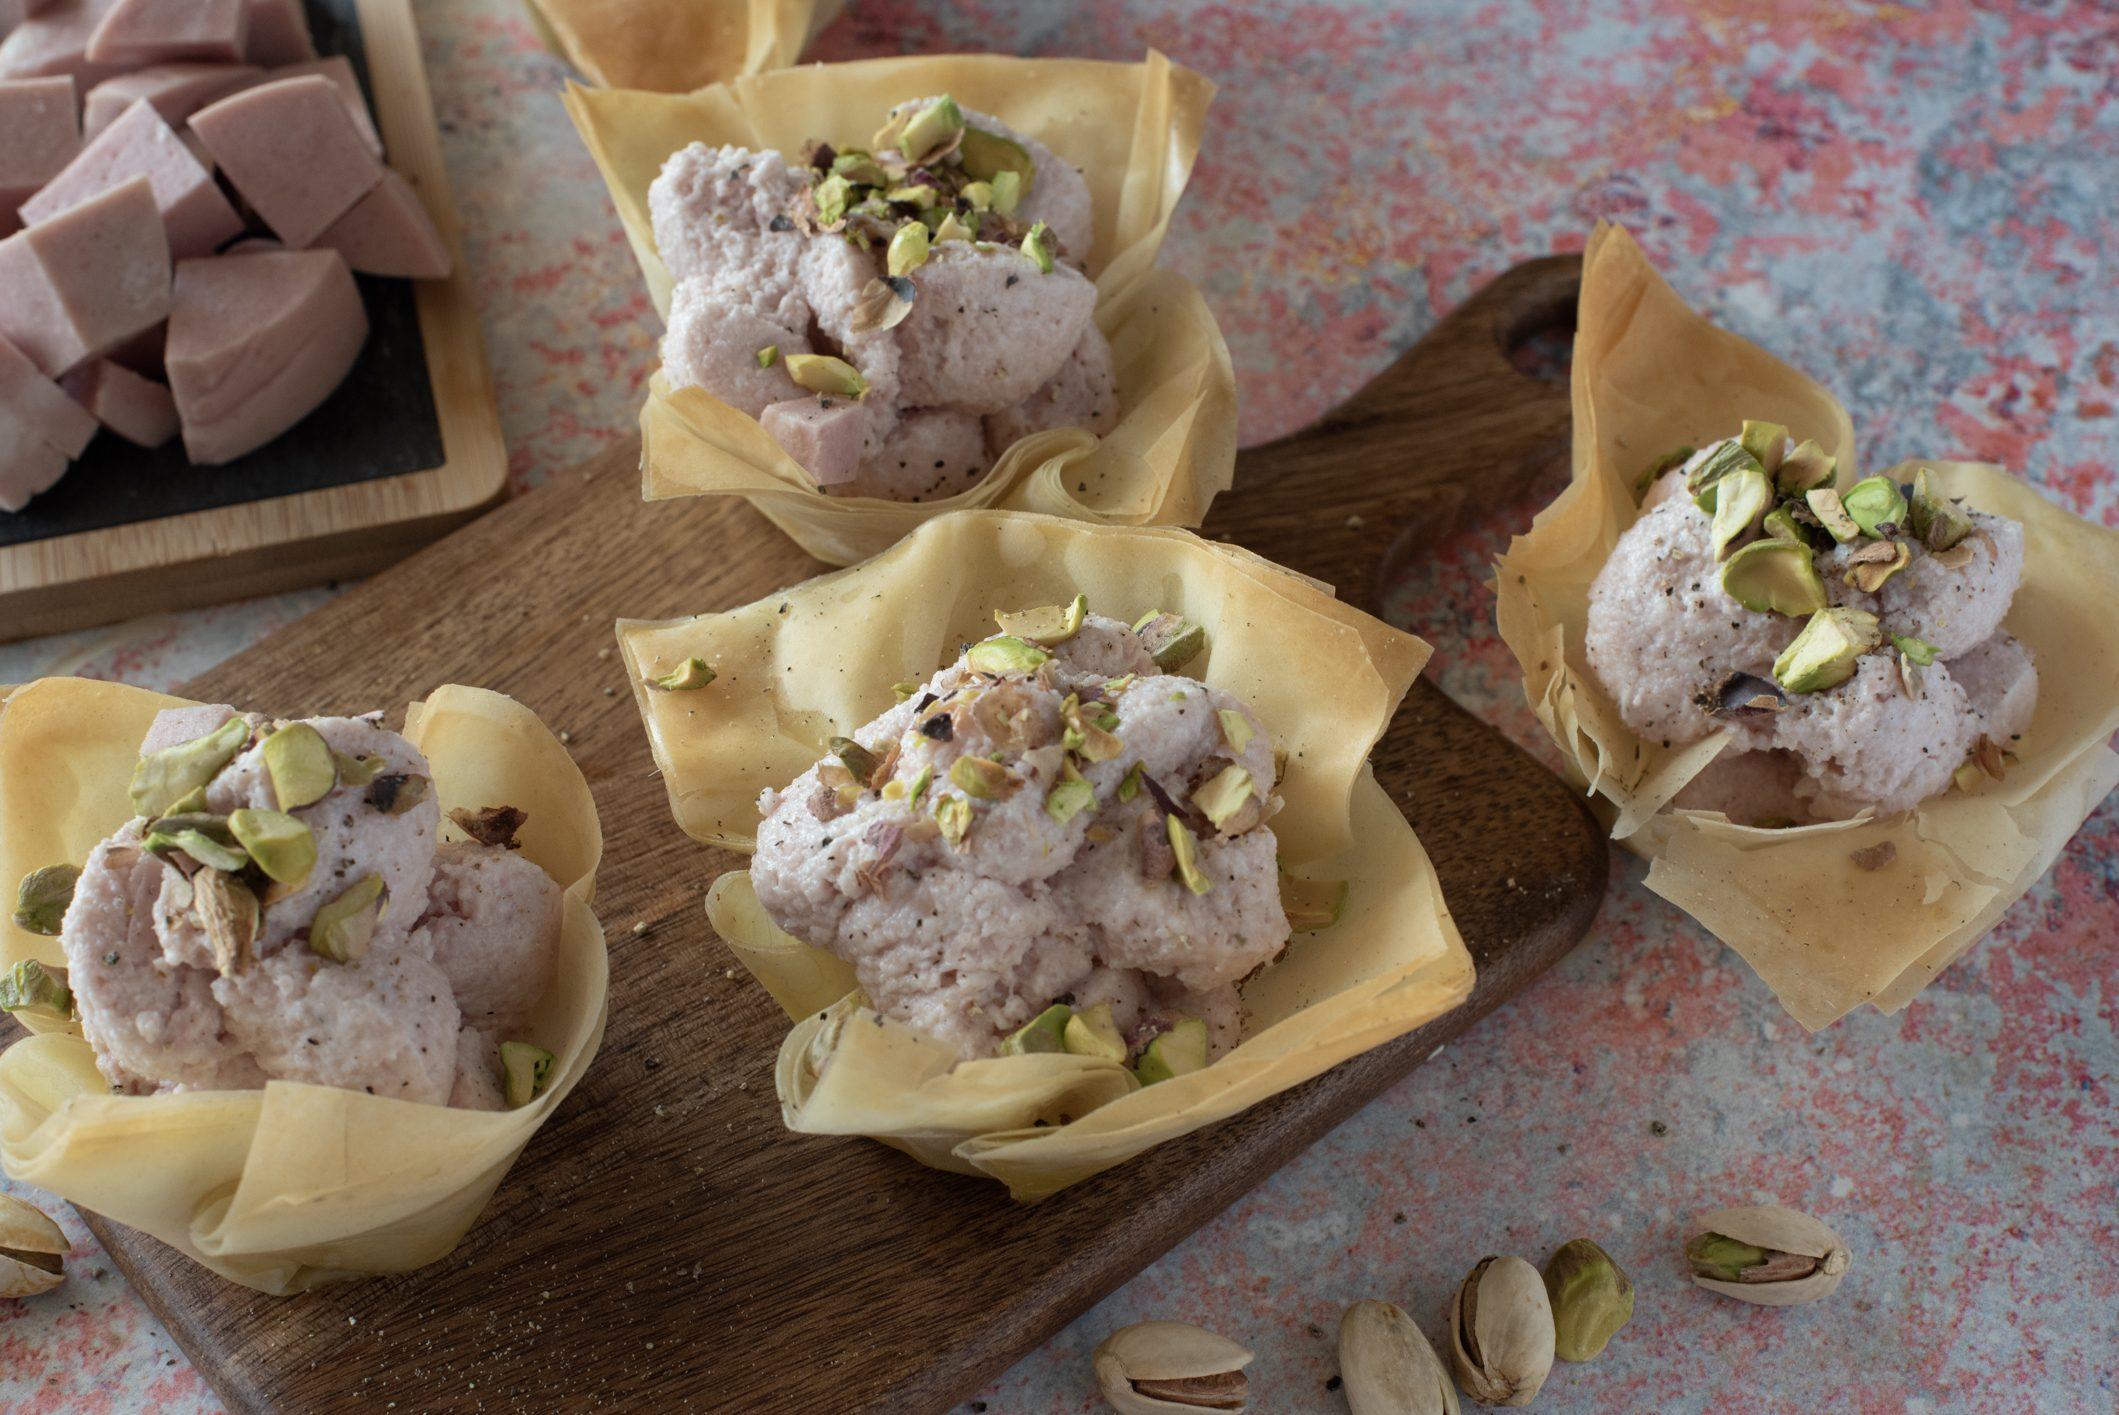 Cestini croccanti con mousse di mortadella: la ricetta dell'antipasto semplice e goloso